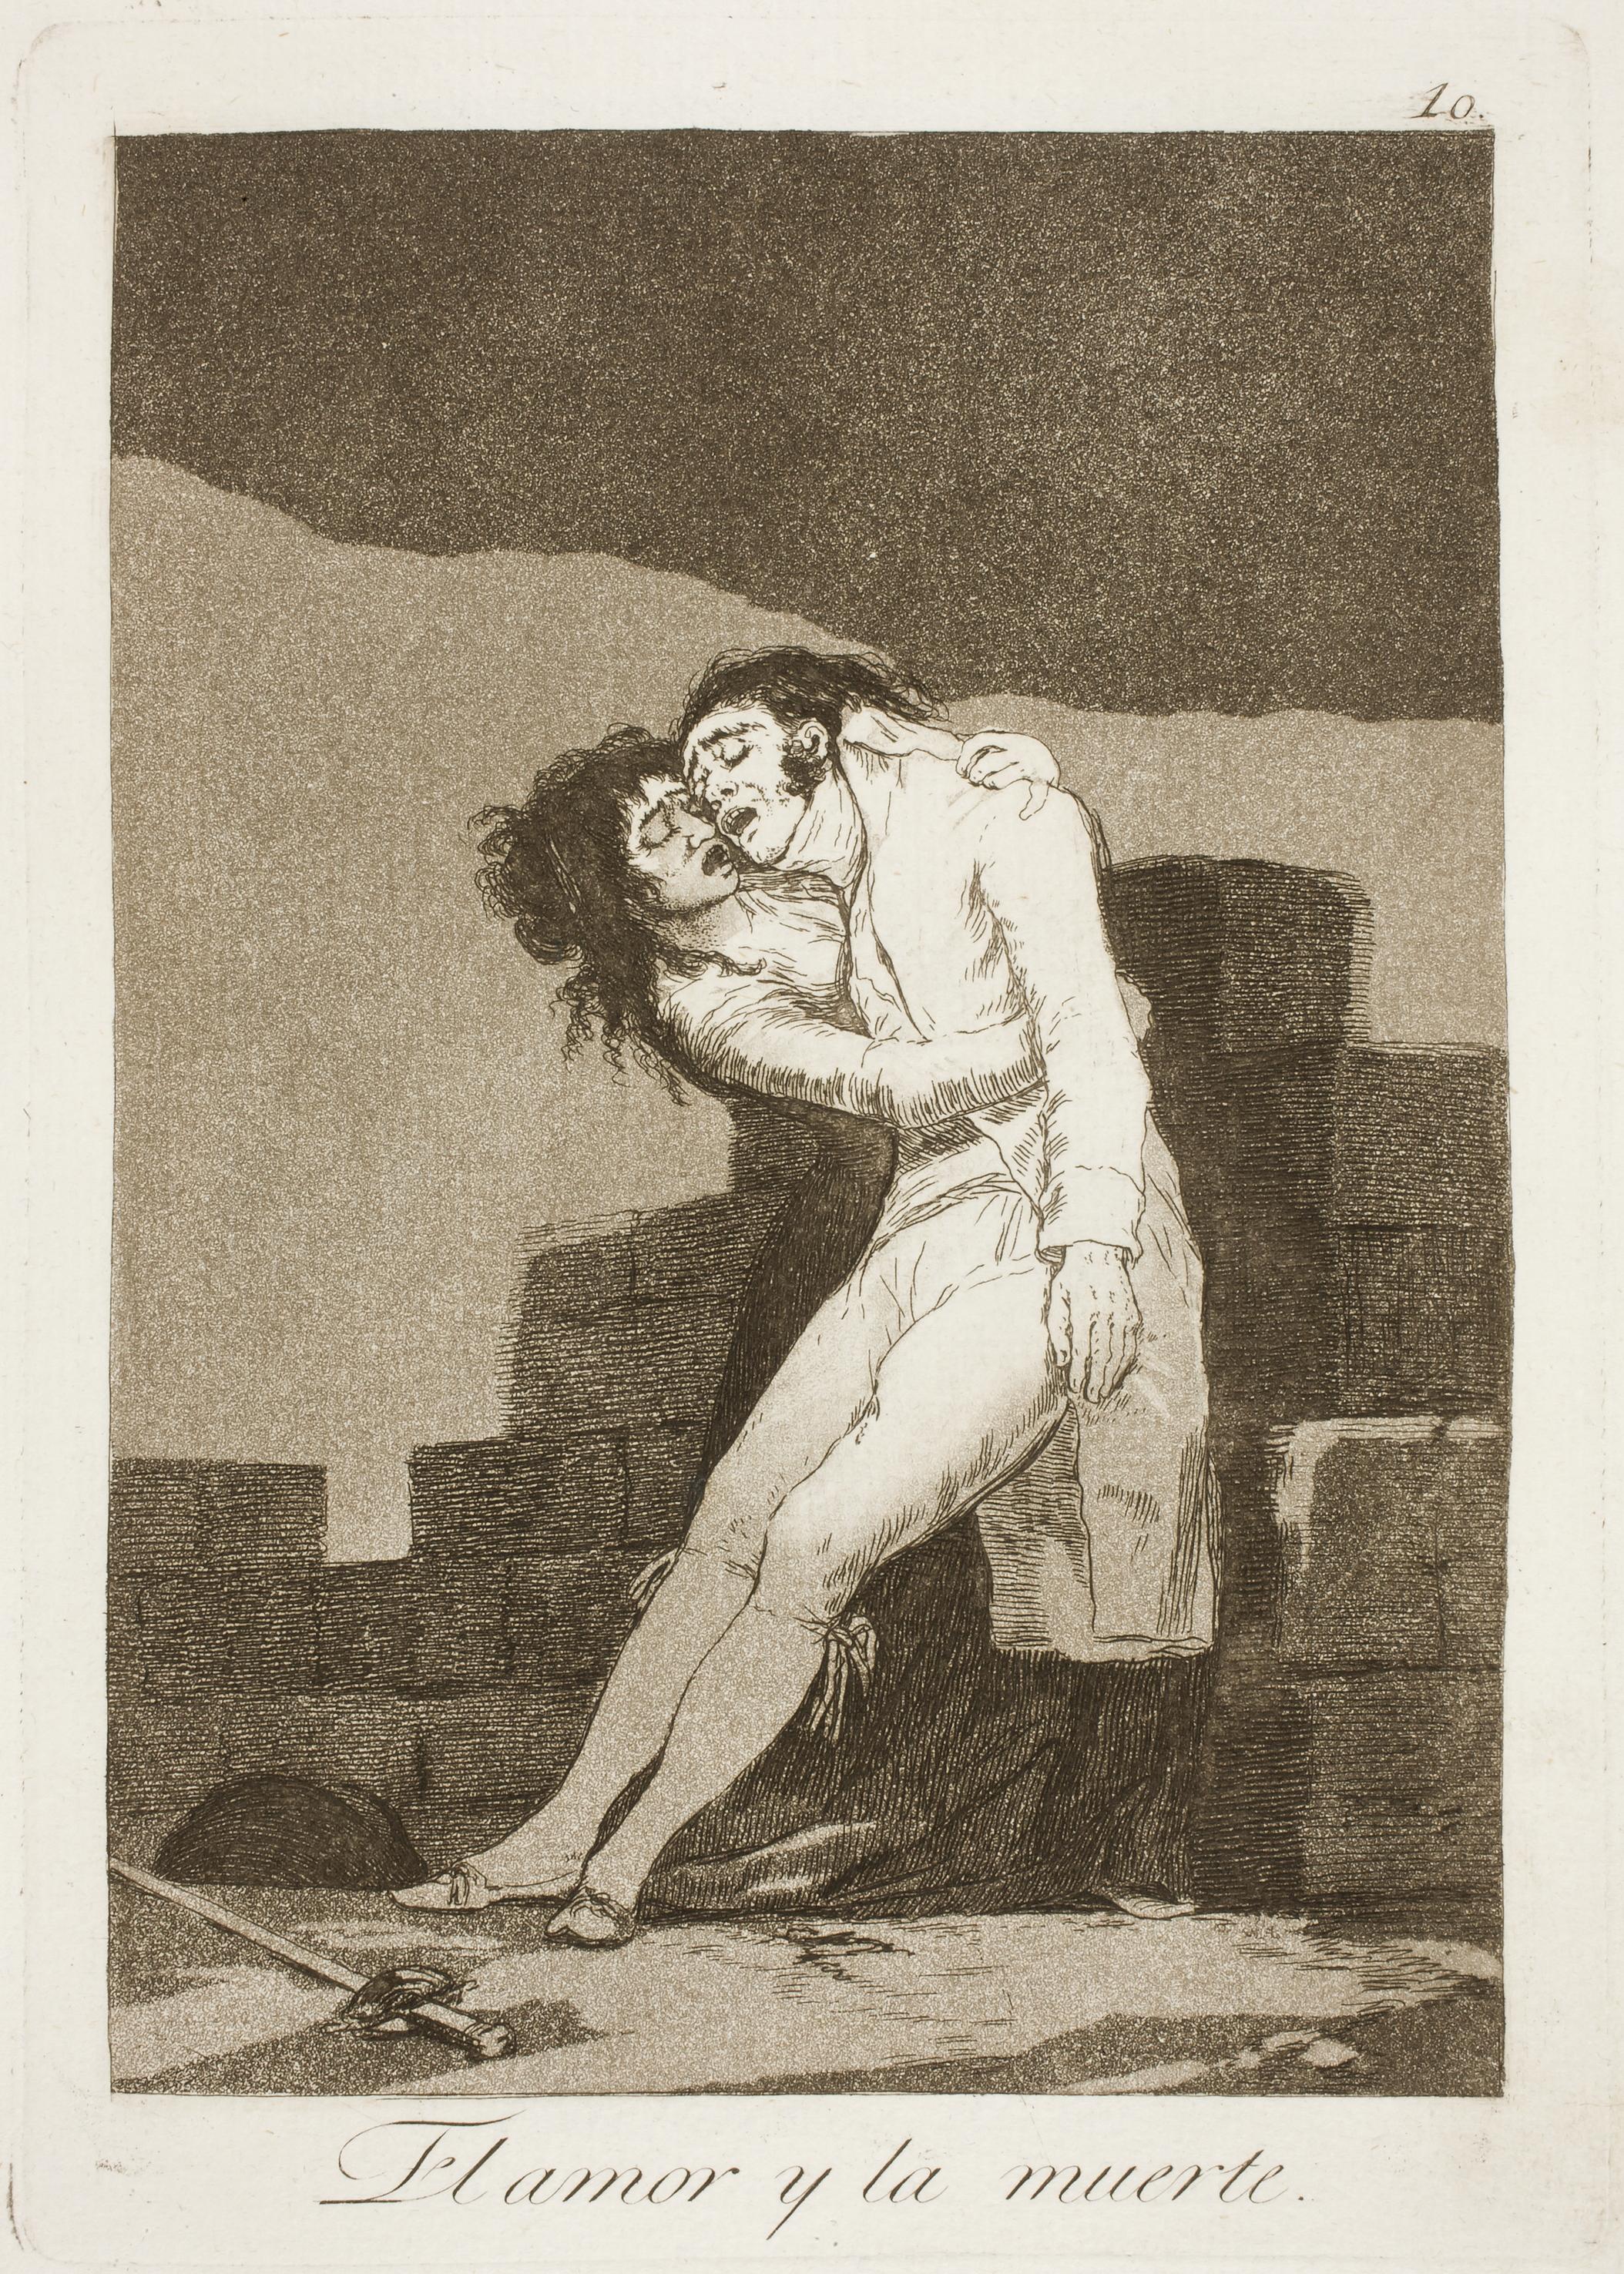 Museo_del_Prado_-_Goya_-_Caprichos_-_No._10_-_El_amor_y_la_muerte